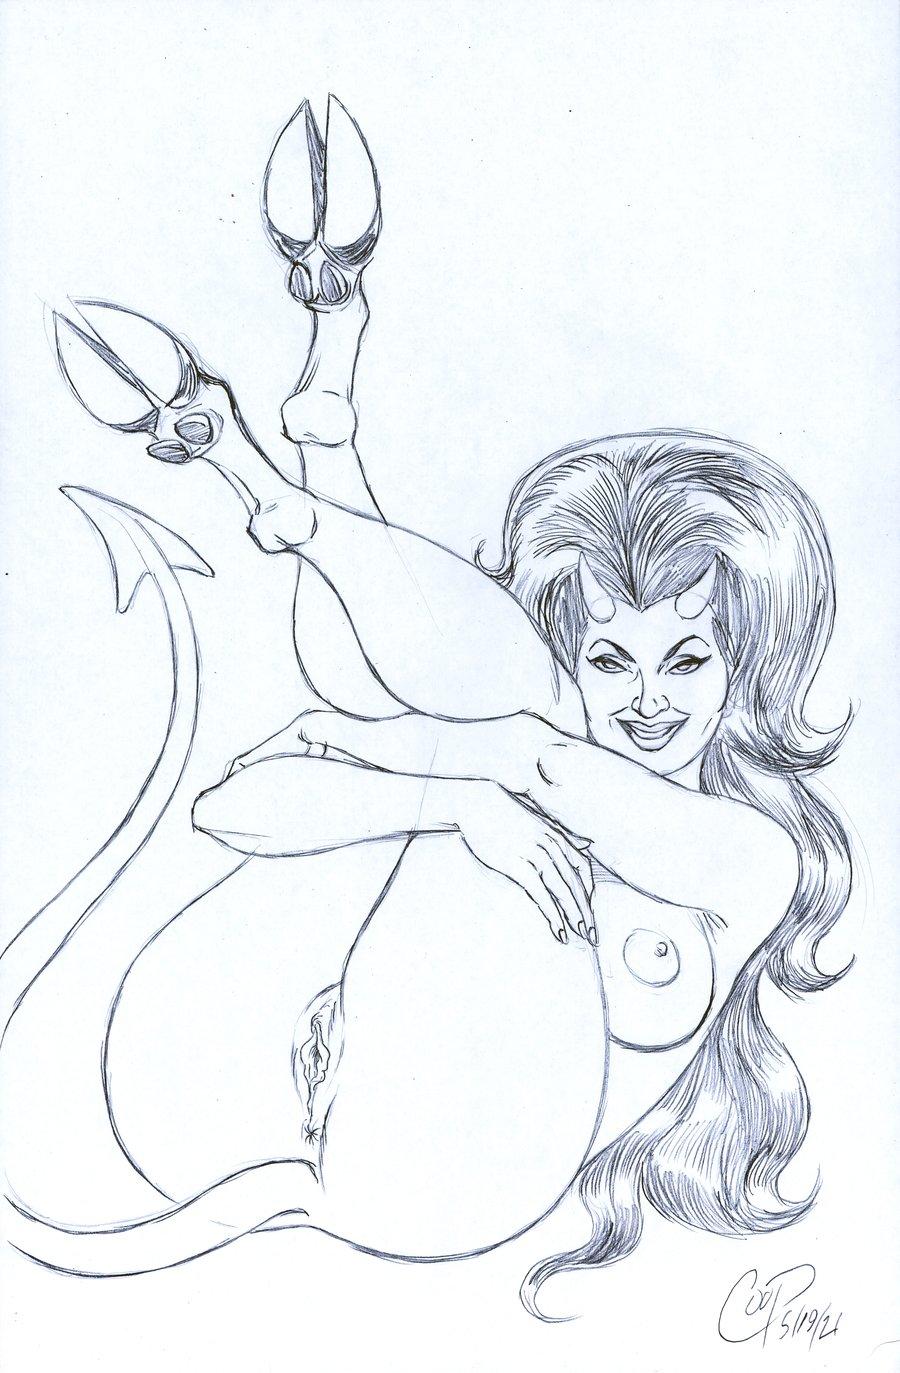 Image of HOOVES UP DEVIL GIRL Original Sketch